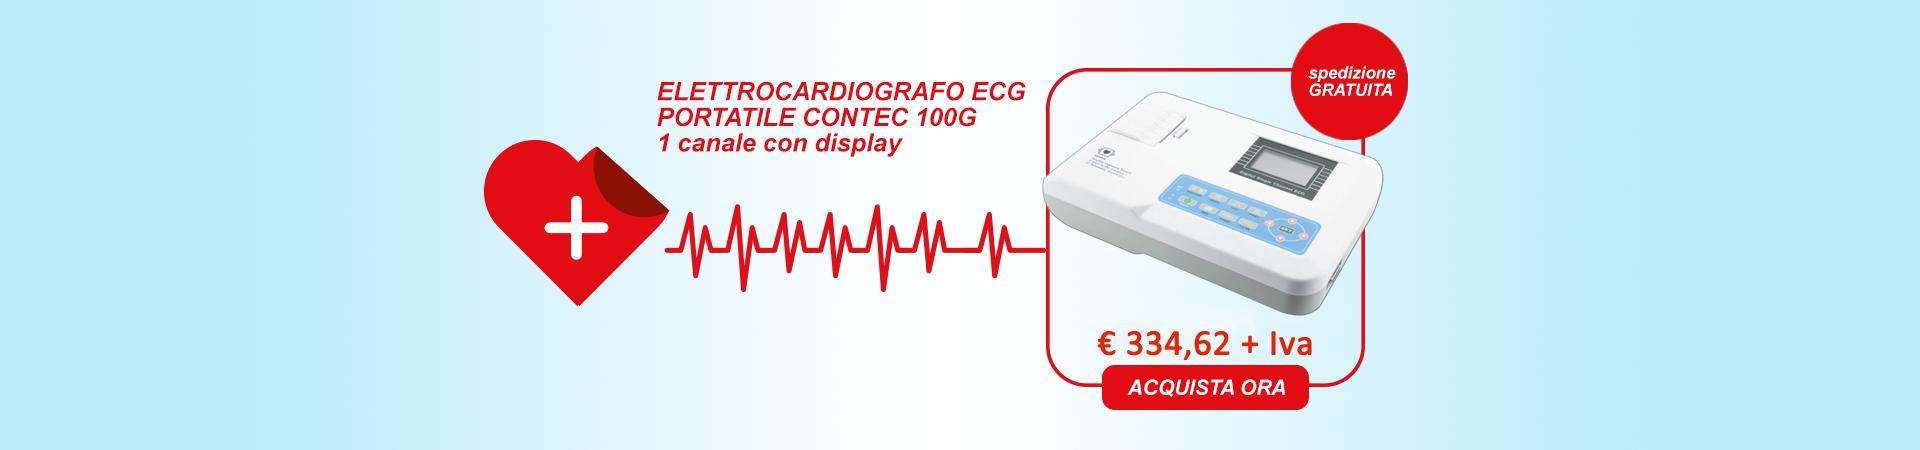 ELETTROCARDIOGRAFO ECG PORTATILE CONTEC 100G